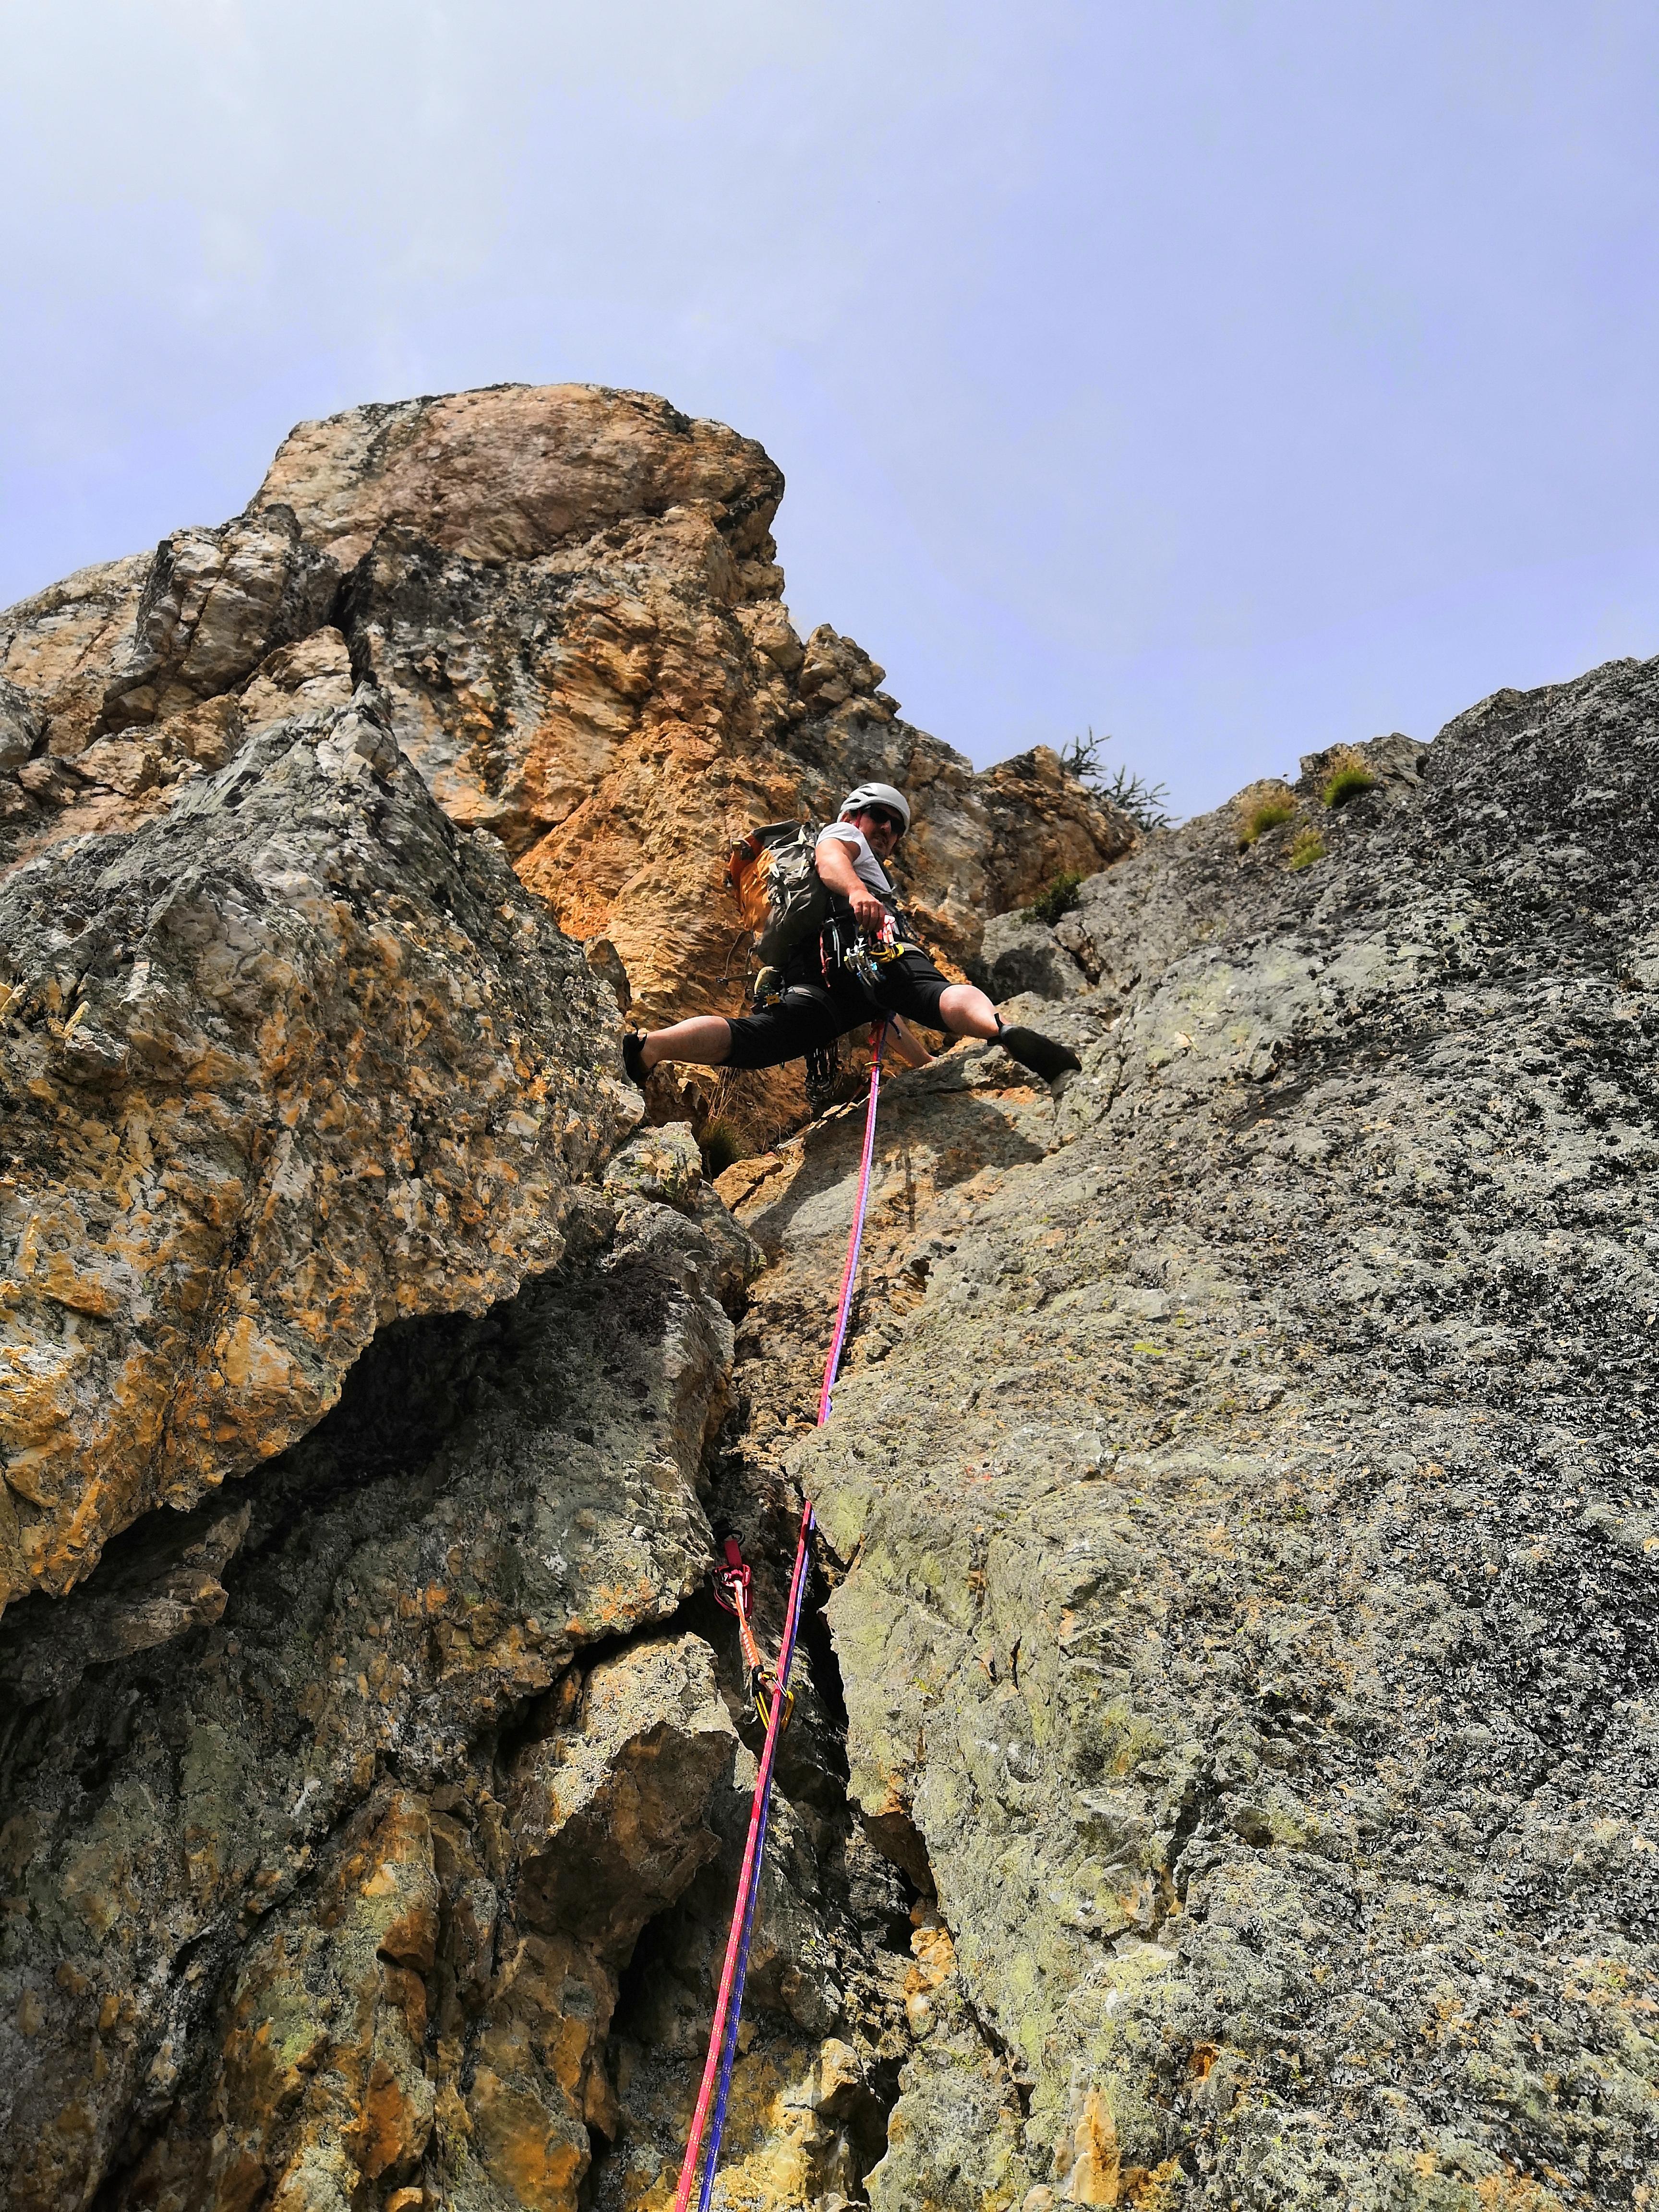 Nando in azione su una divertente parete di arrampicata della zona.